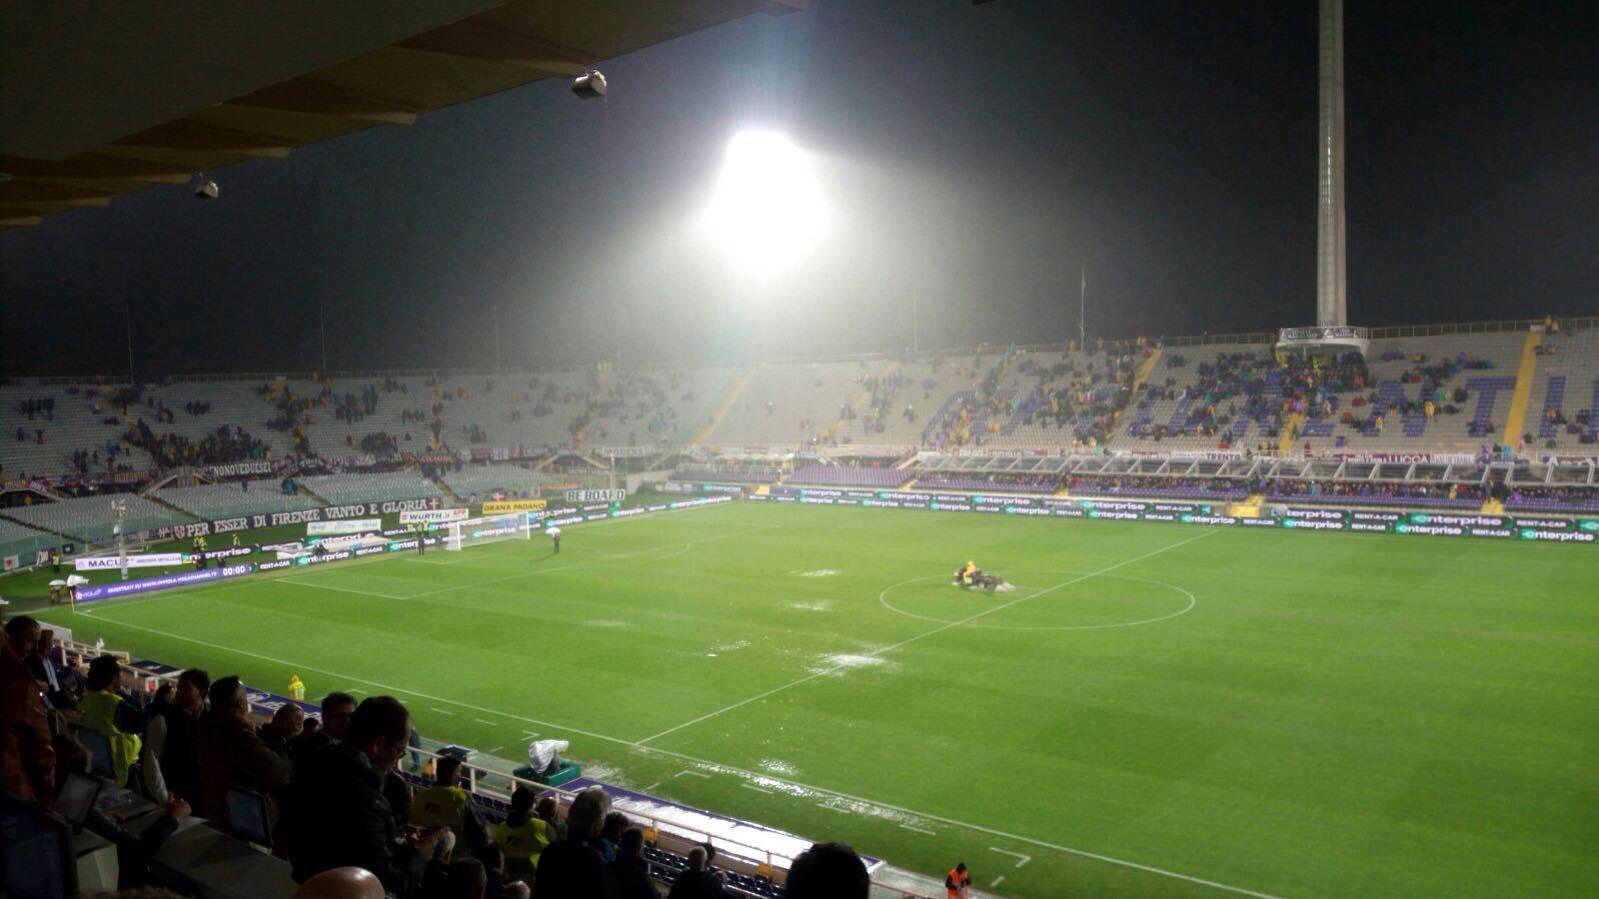 Diluvia sul Franchi: Fiorentina-Crotone sospesa in attesa di miglioramento